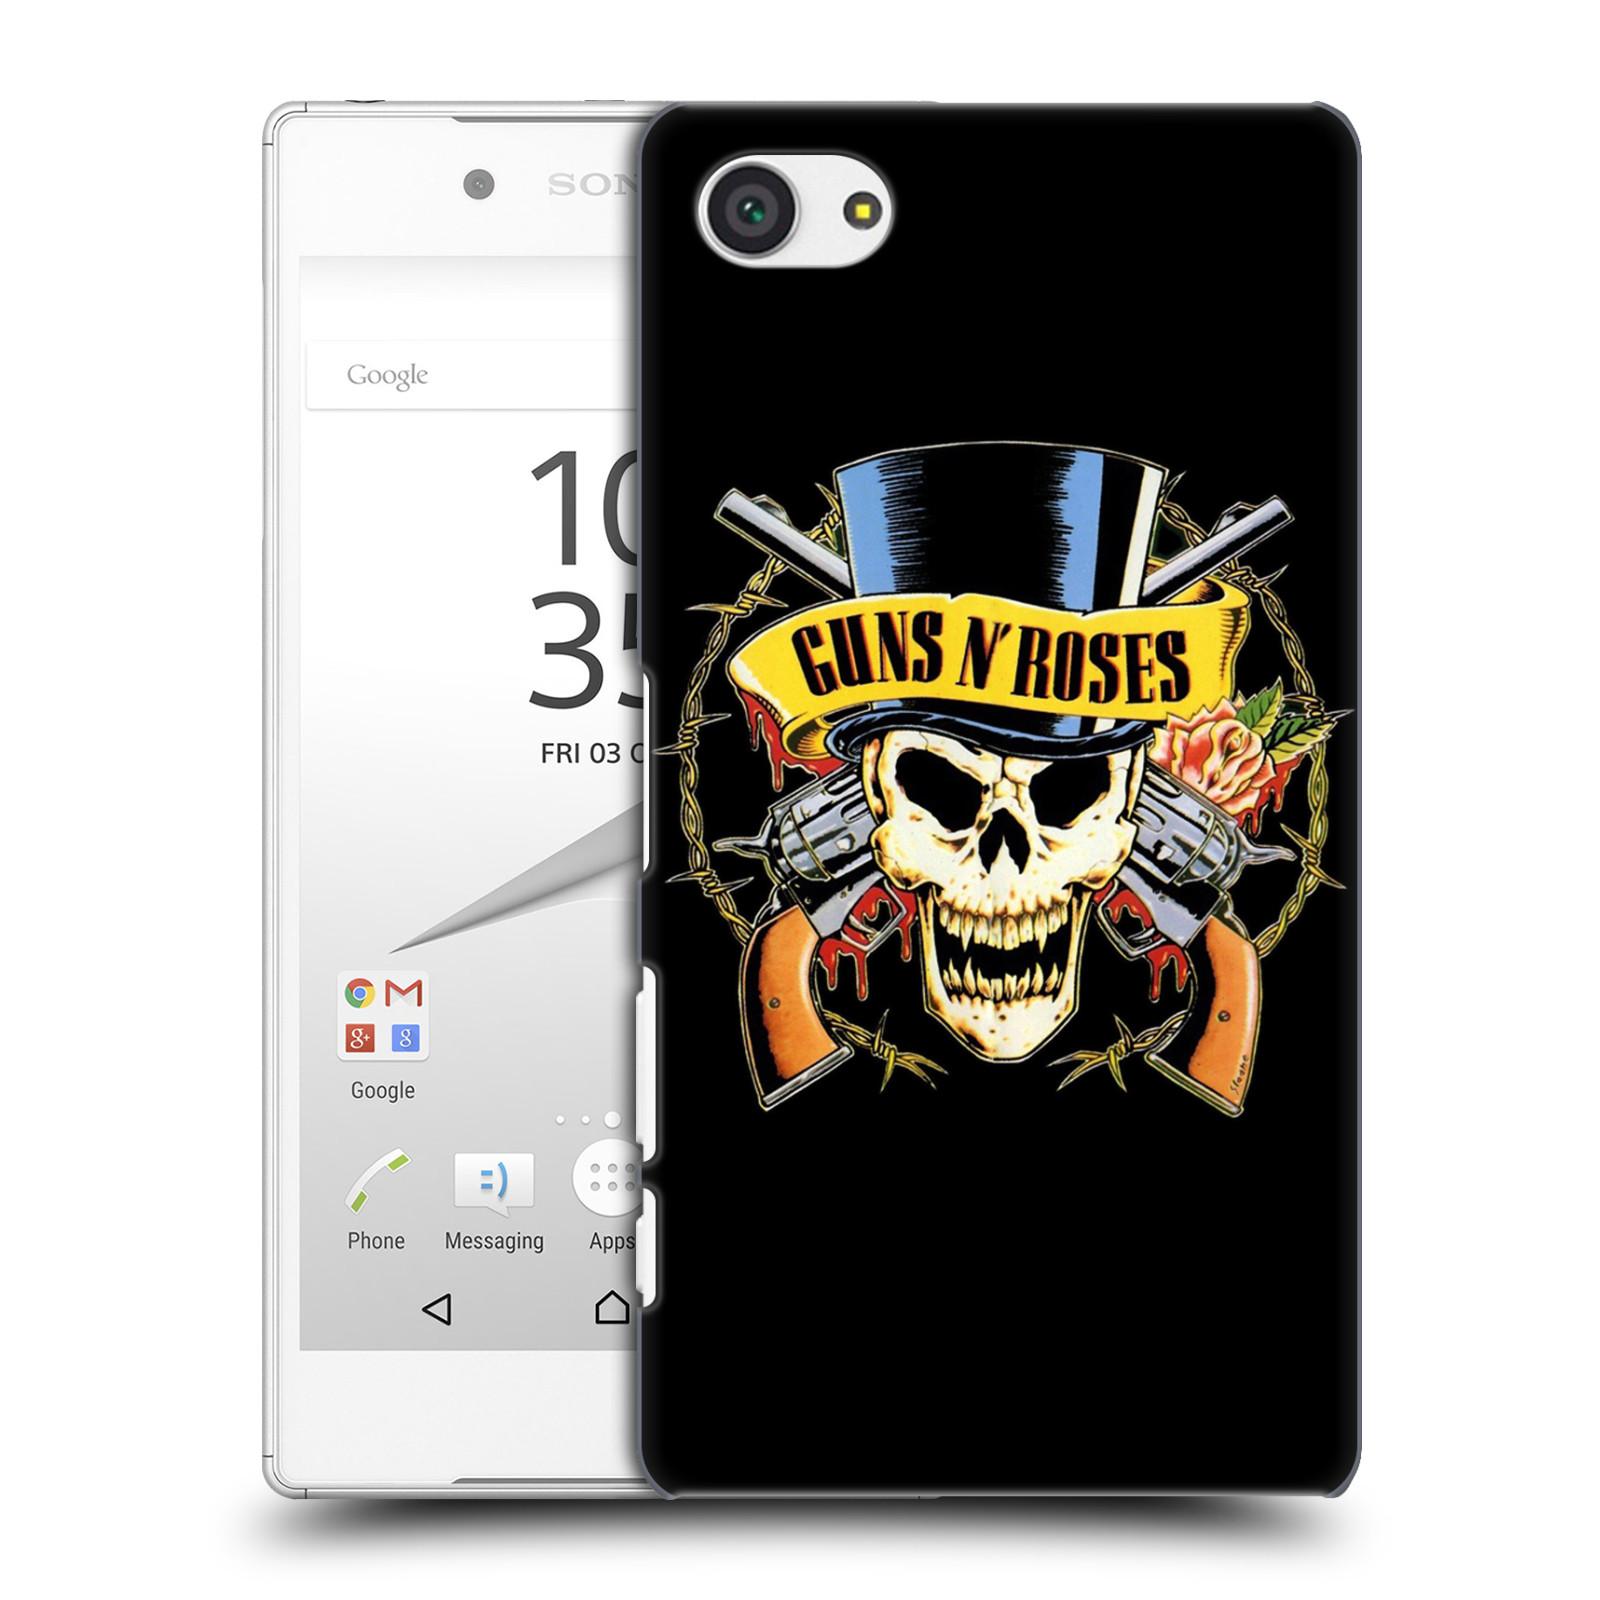 Plastové pouzdro na mobil Sony Xperia Z5 Compact HEAD CASE Guns N' Roses - Lebka